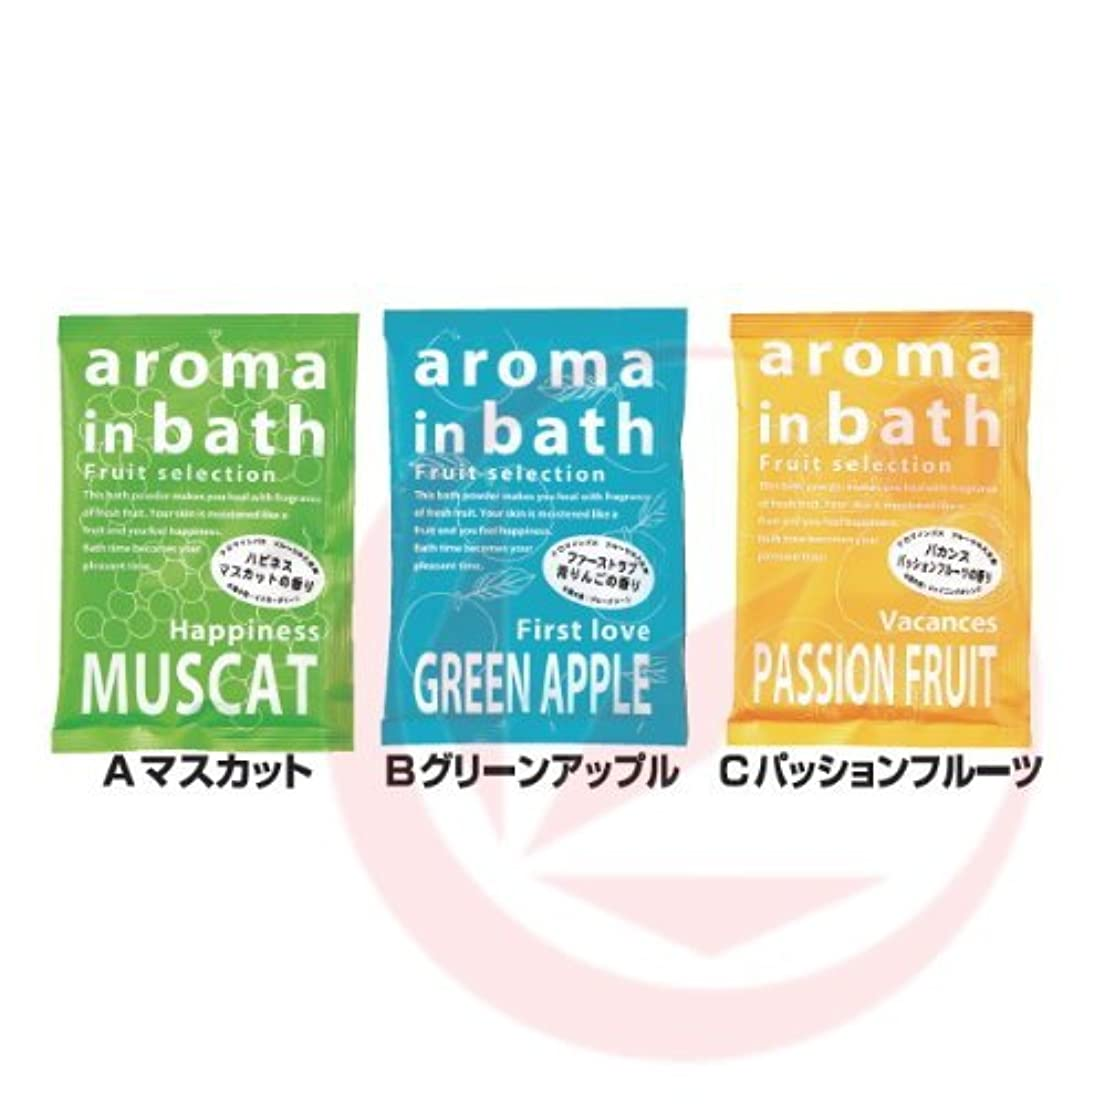 周波数がっかりする価格粉体入浴剤アロマインバス25g 48袋入り(3種類 各16袋)